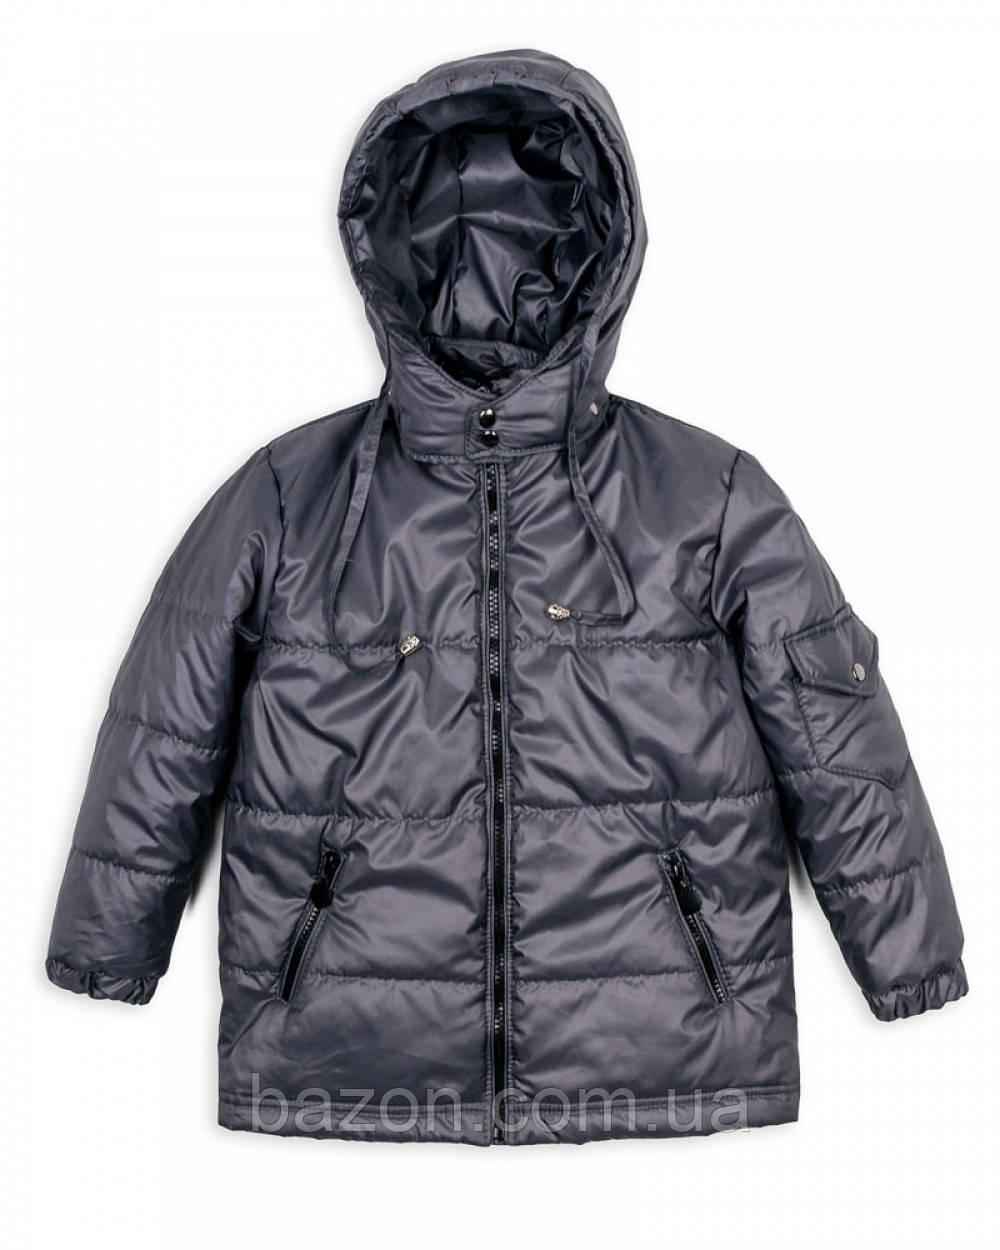 Детская куртка на мальчика 1-5 лет весна-осень (серая)